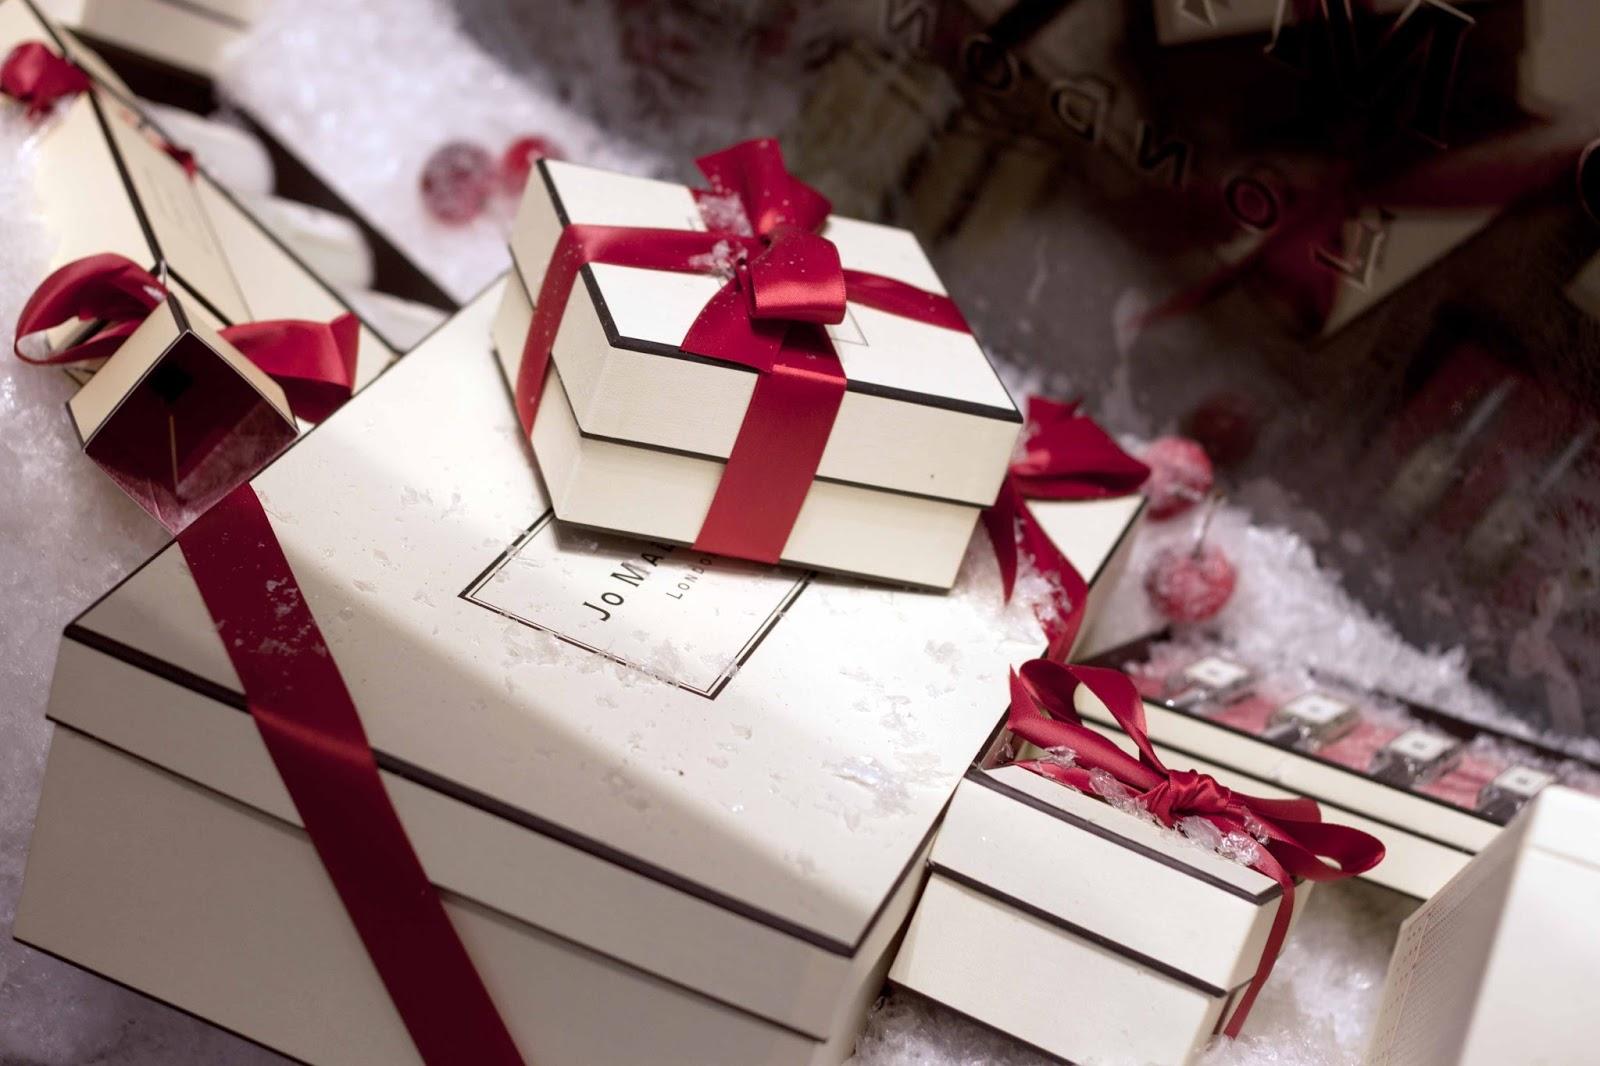 Jo malone christmas gifts